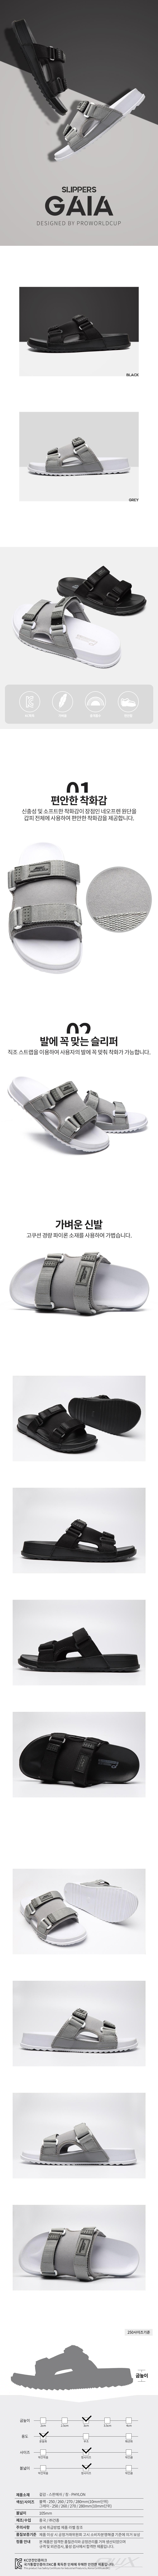 프로월드컵(PROWORLDCUP) 가이아 네오프렌 스트랩 슬리퍼(ZB)